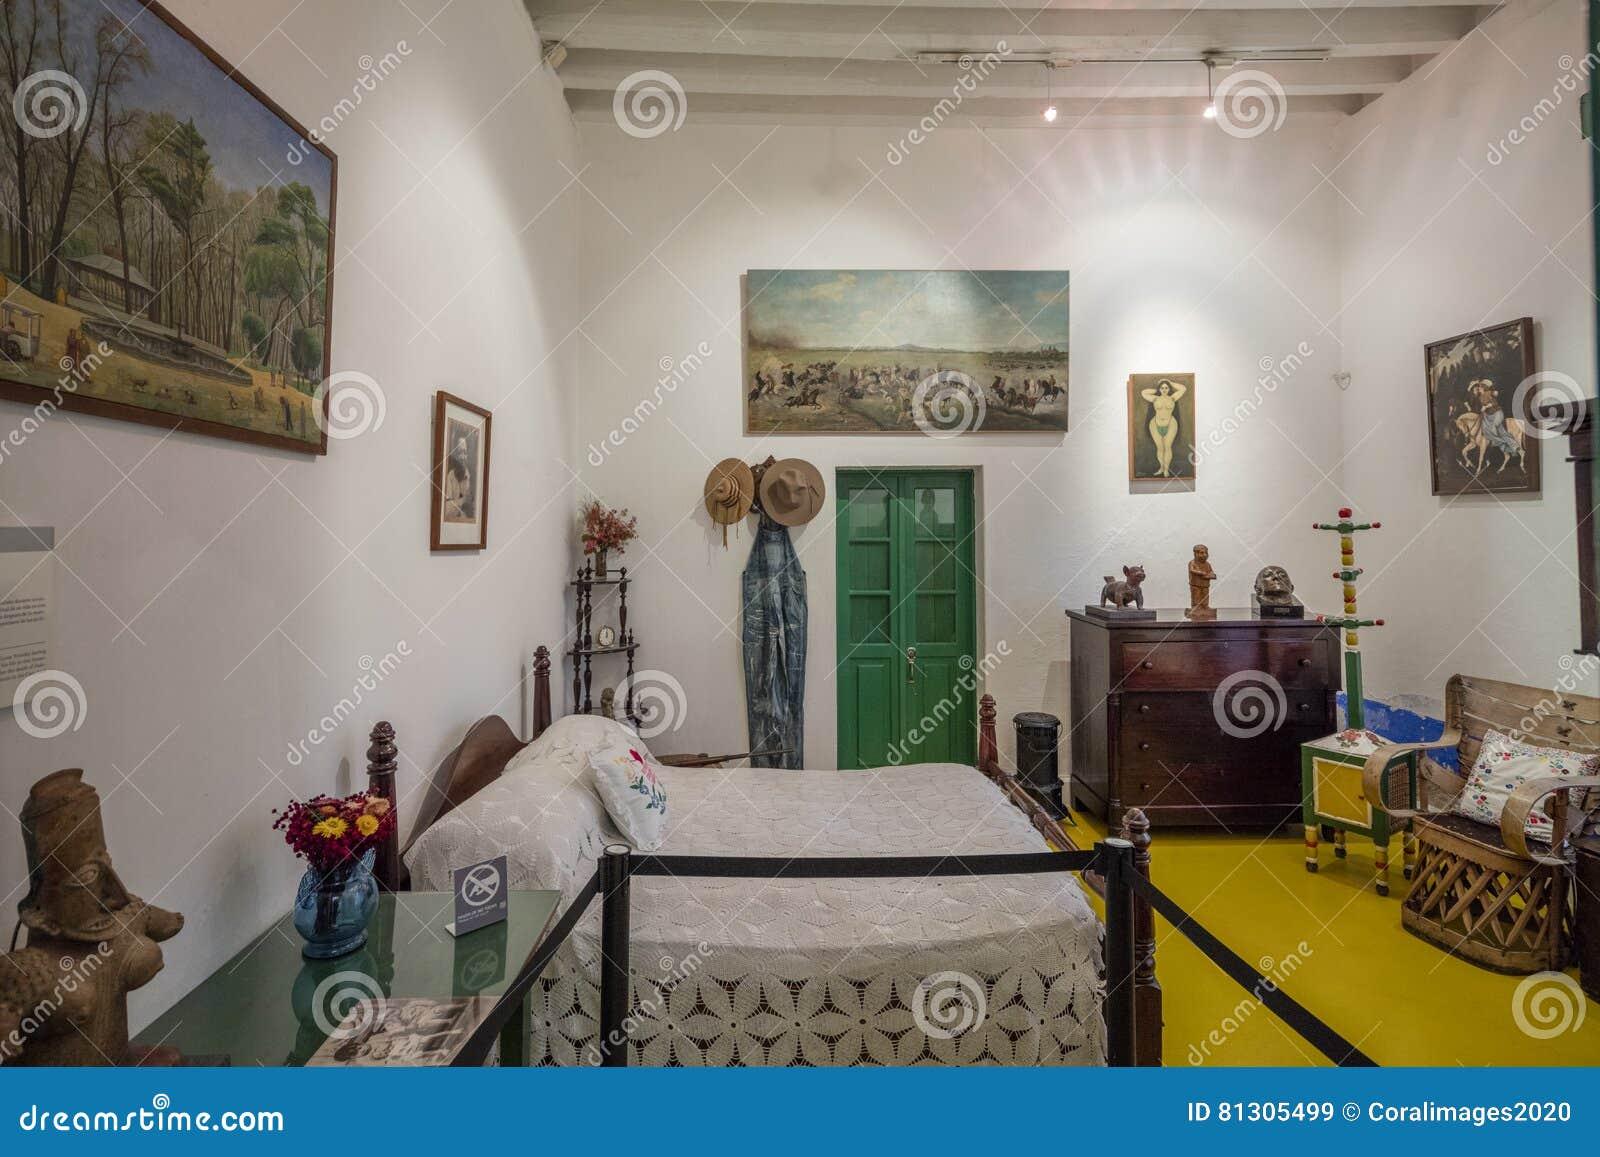 Camera Da Letto Blu Cobalto : Camera da letto all interno della mostra di frida kahlo museums